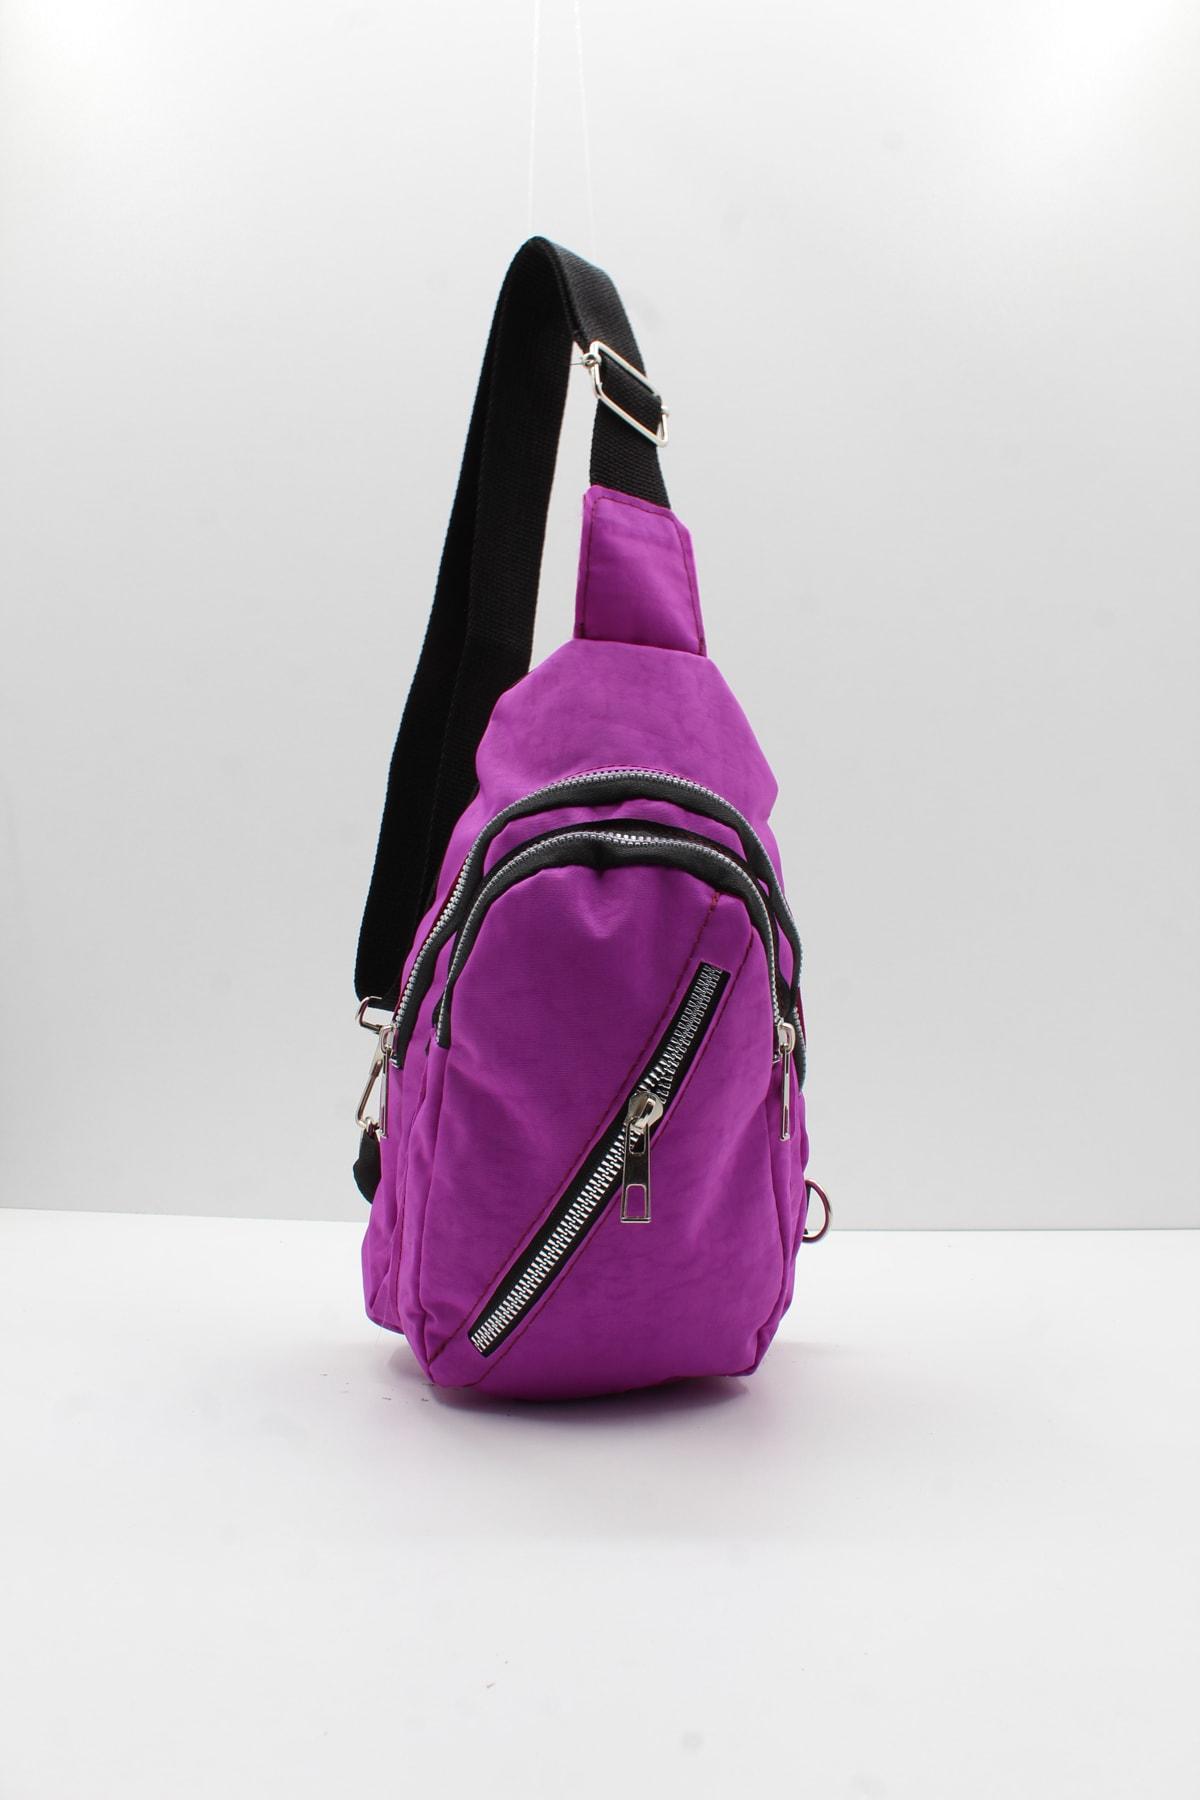 Women's Clinker Fabric Cross And Waist Bag сумка женская сумка через плечо bags for women Наплечные сумки шоппер bolsos